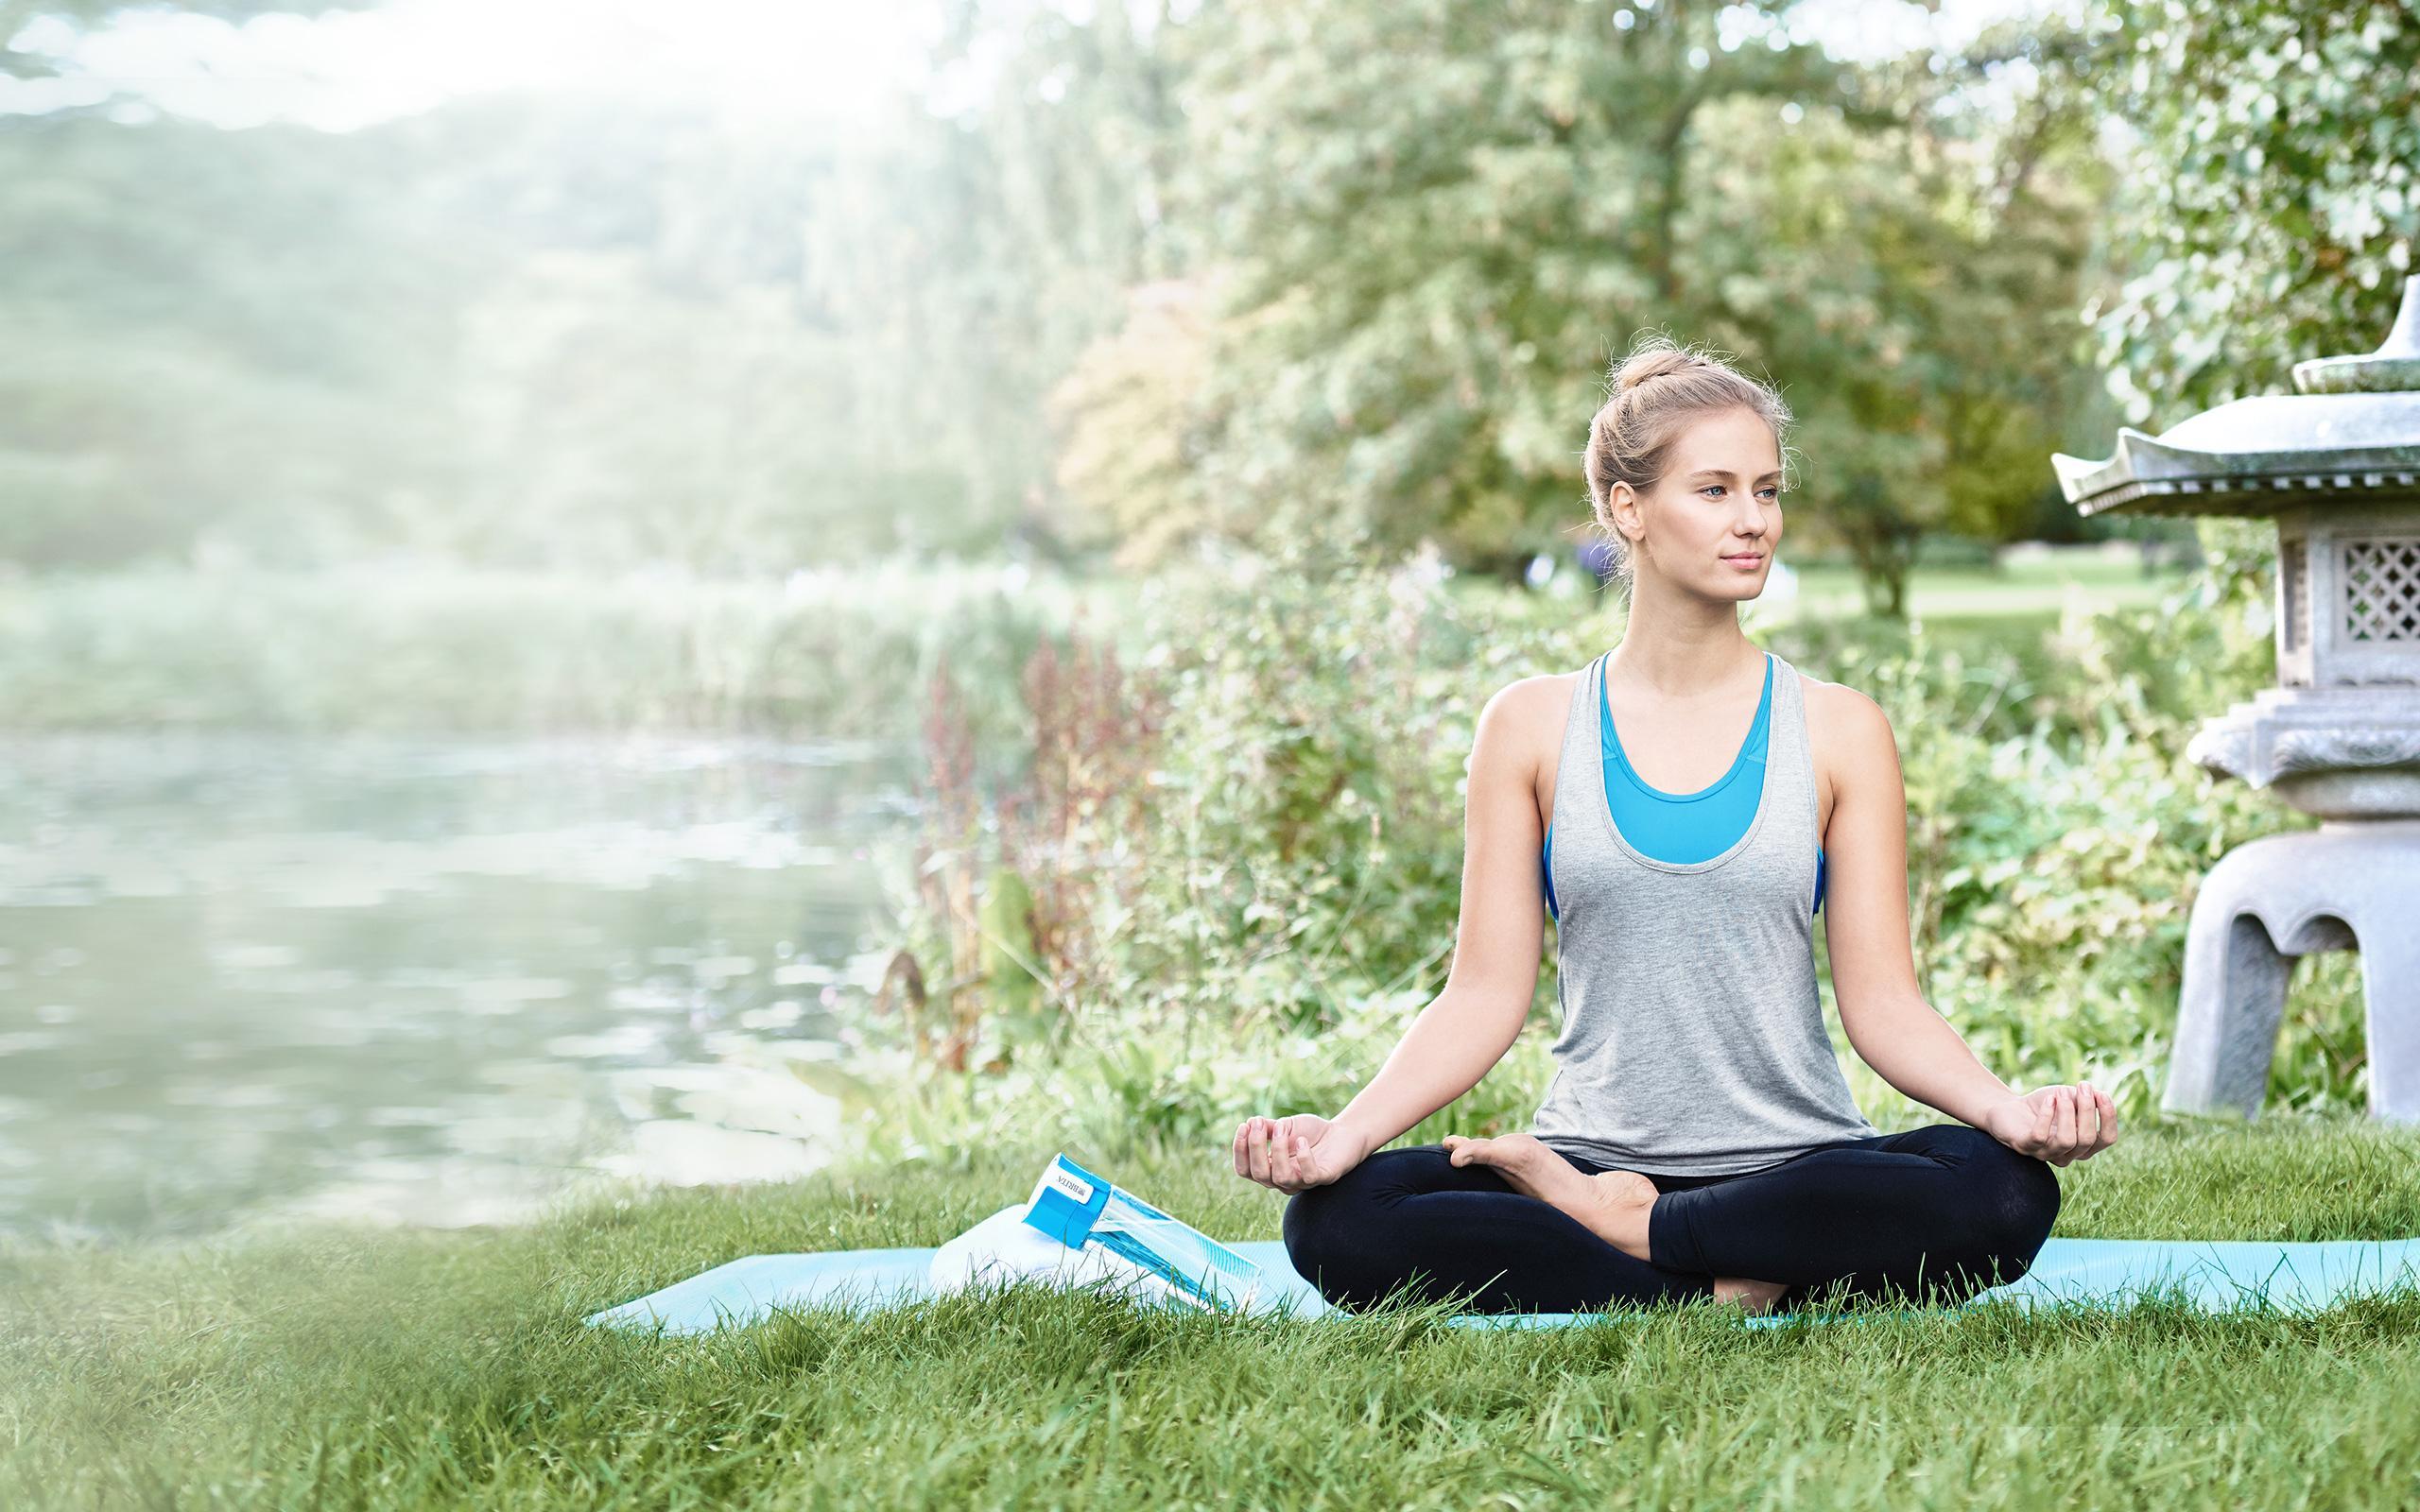 BRITA besoins hydratation femme yoga dans un parc